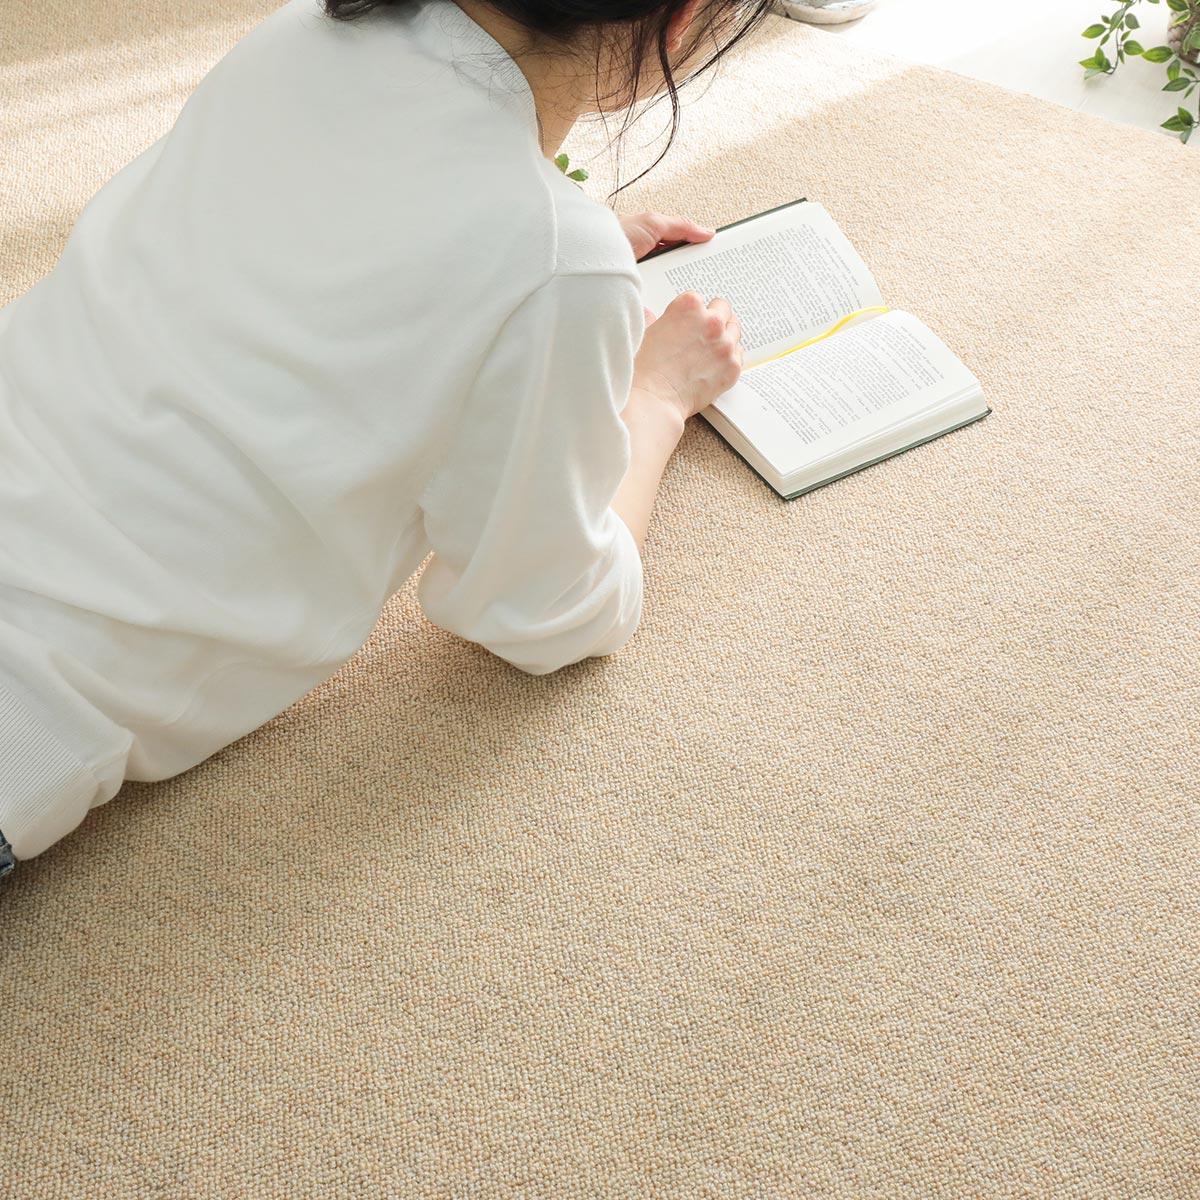 高機能の日本製カーペット 日本製カーペット『テアトル』